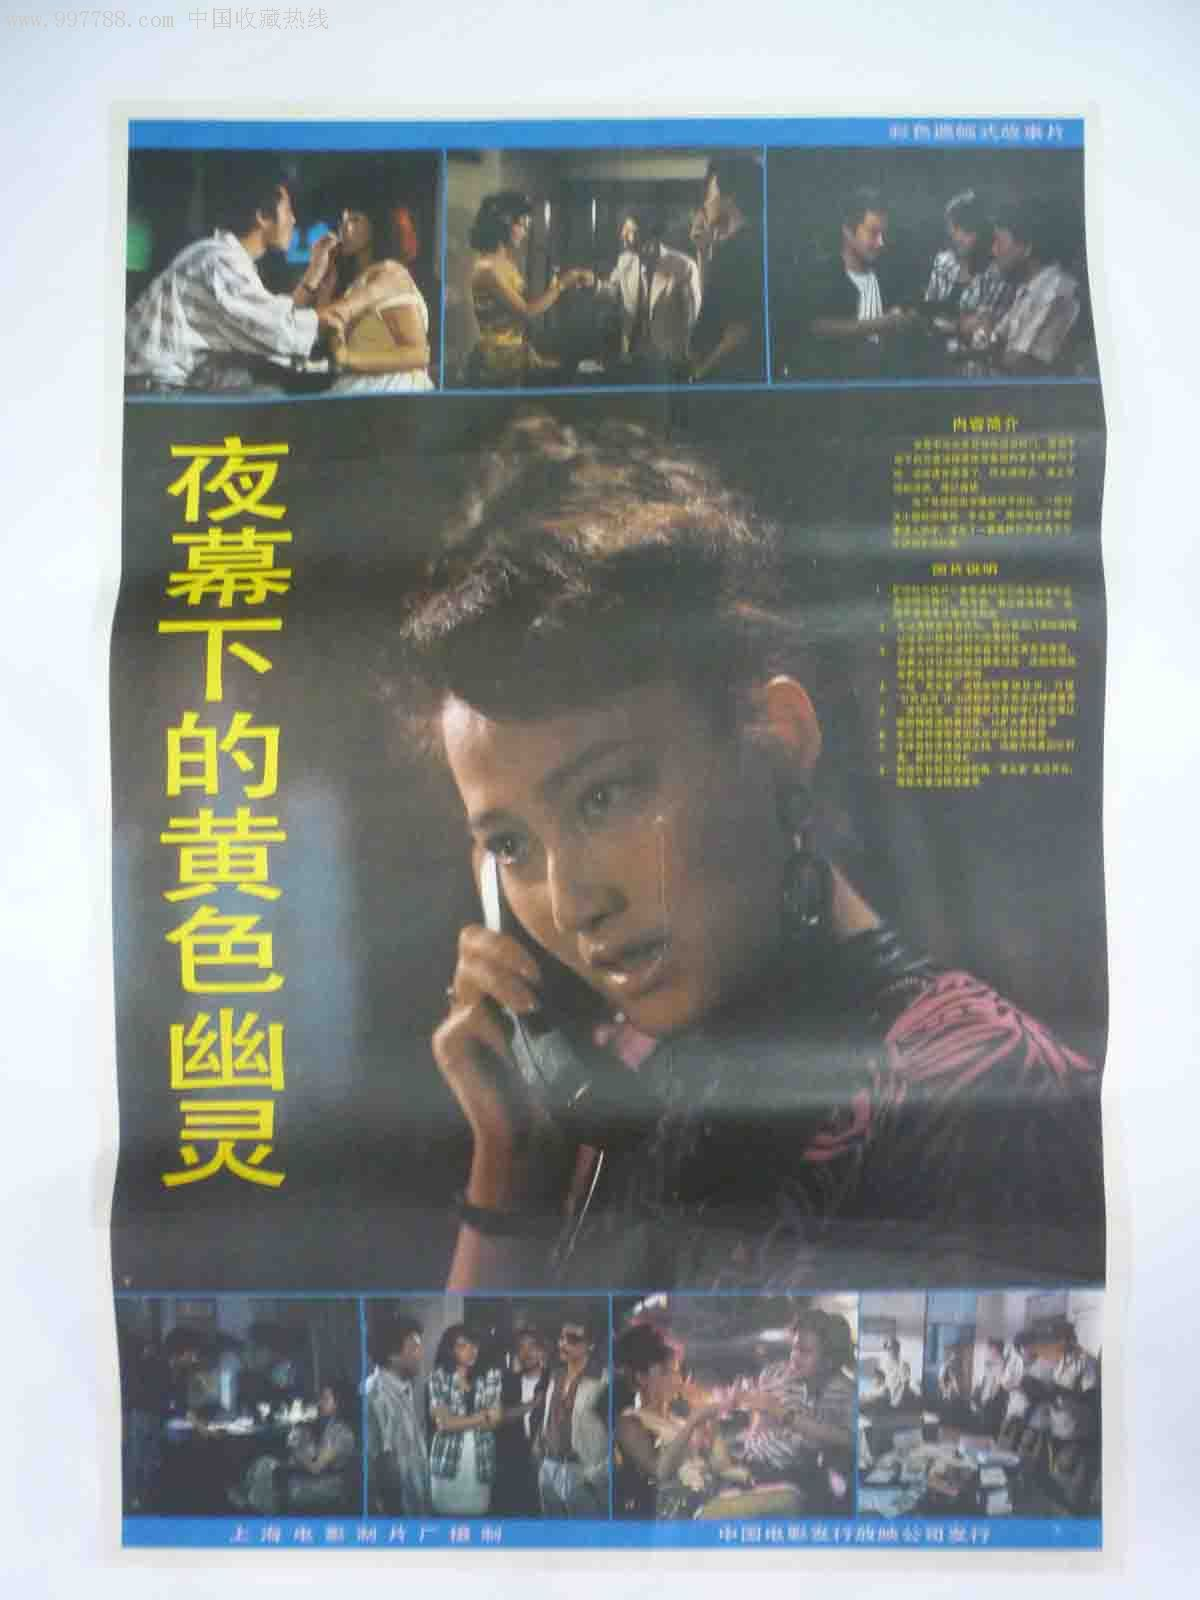 国产最新情色视频下载_夜幕下的黄色幽灵(80年代经典侦破电影)